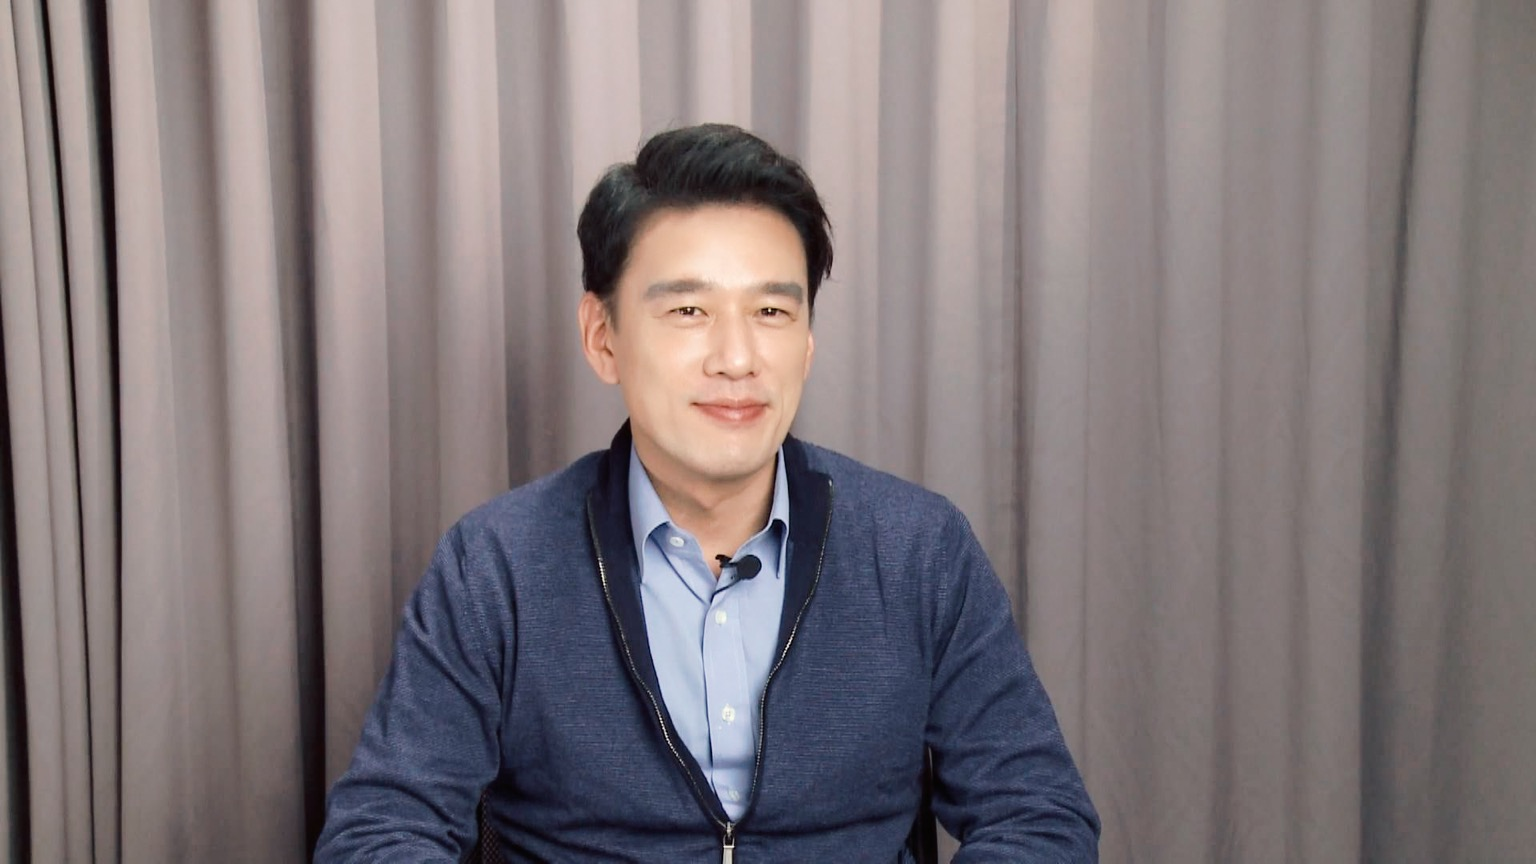 王耀庆《声临其境3》方言配音获赞